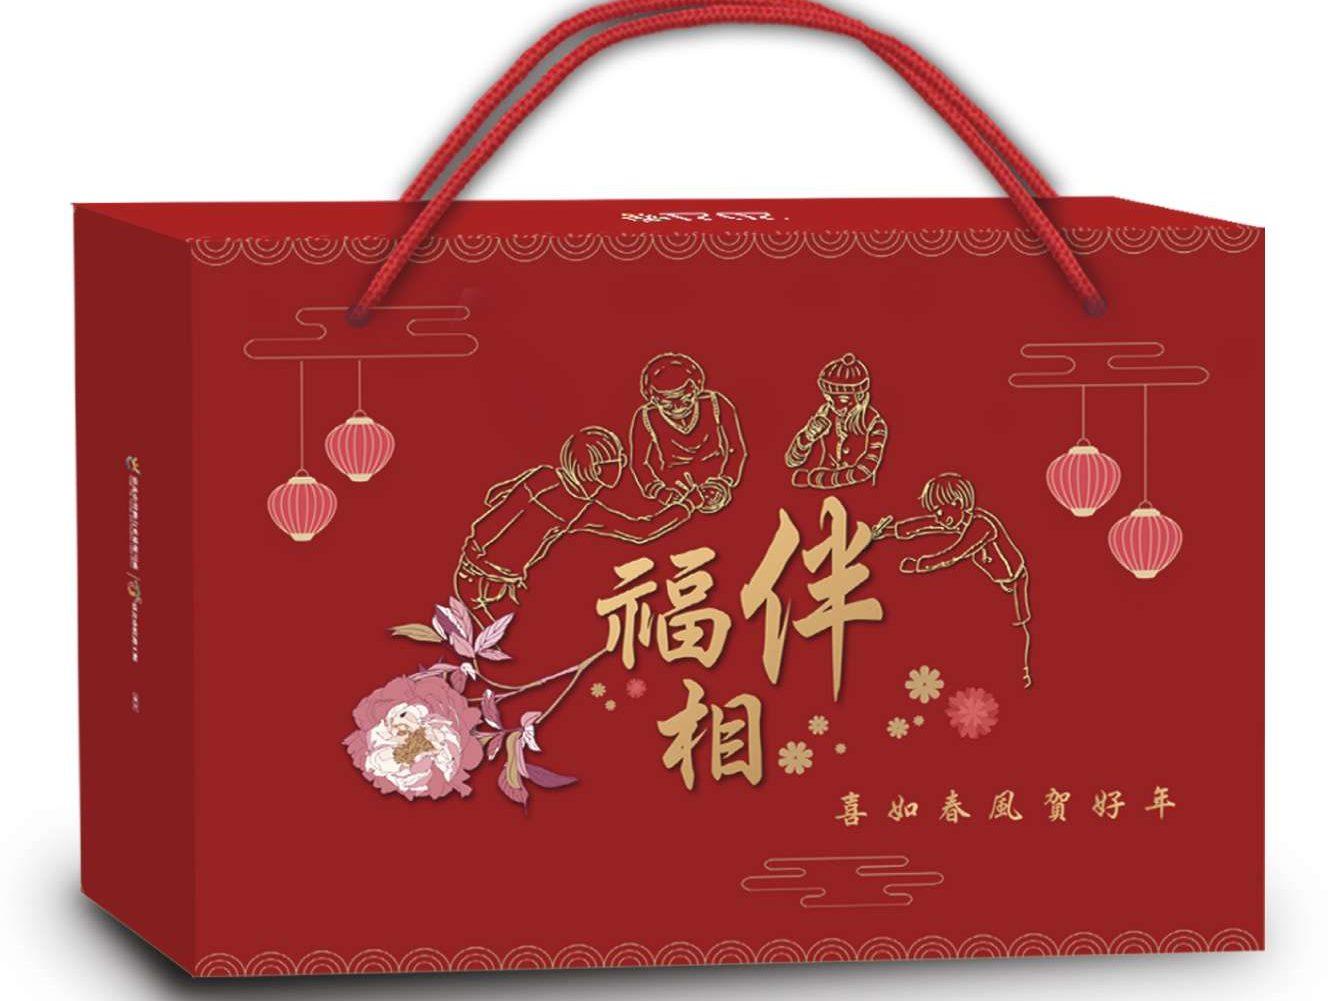 台北市庇護工場福相伴禮盒